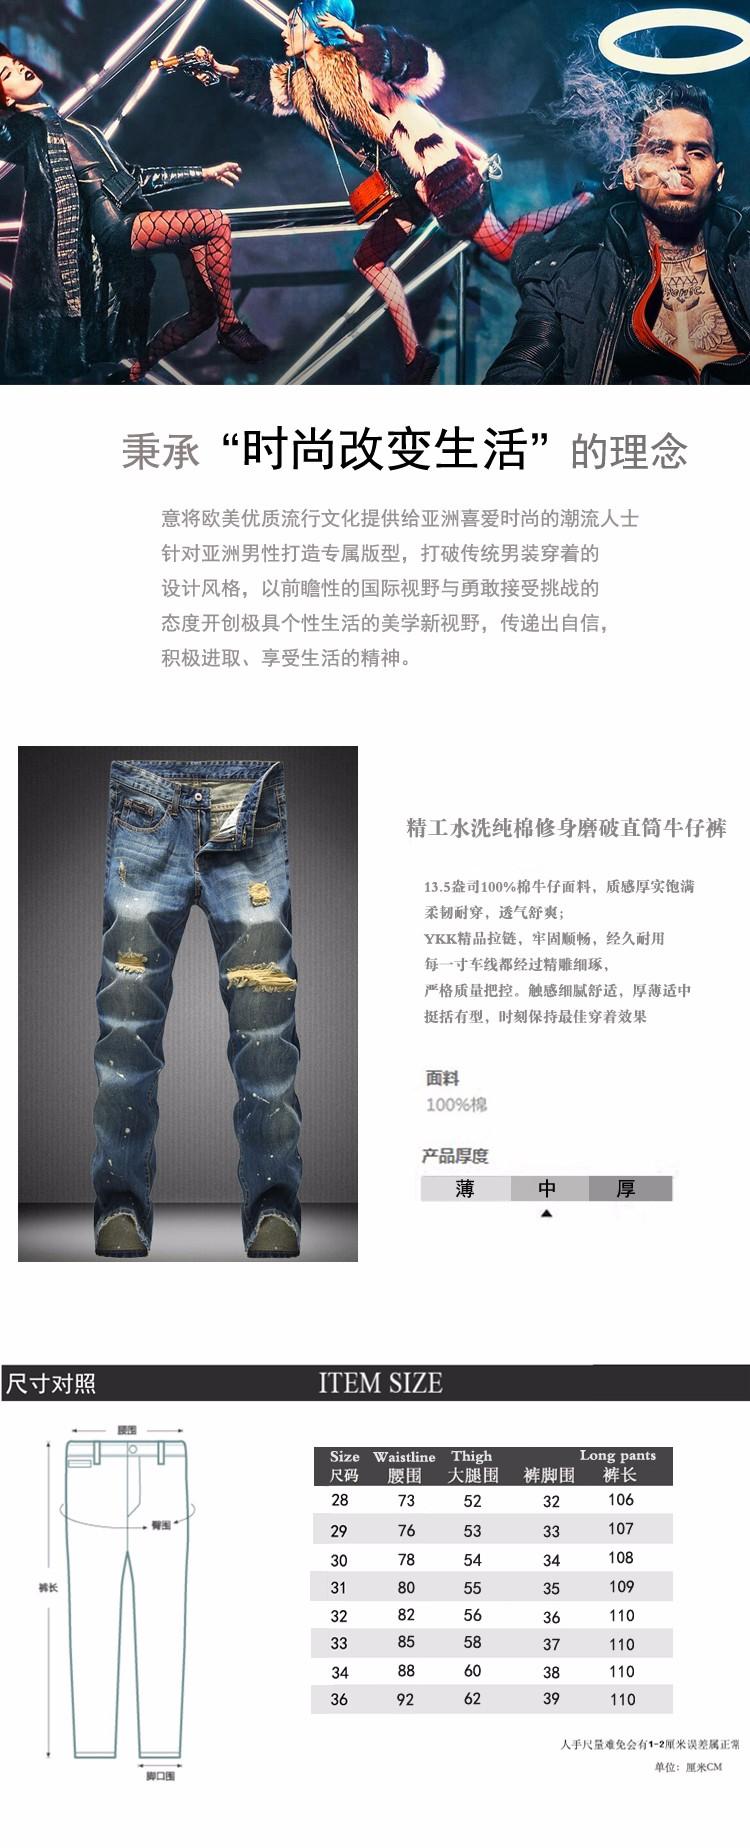 Скидки на Мужчина прямо Случайные брюки мальчика джинсы мужчины дизайнерский бренд брюки прямые новый брюки страх божий Мода отверстия Показать тонкие